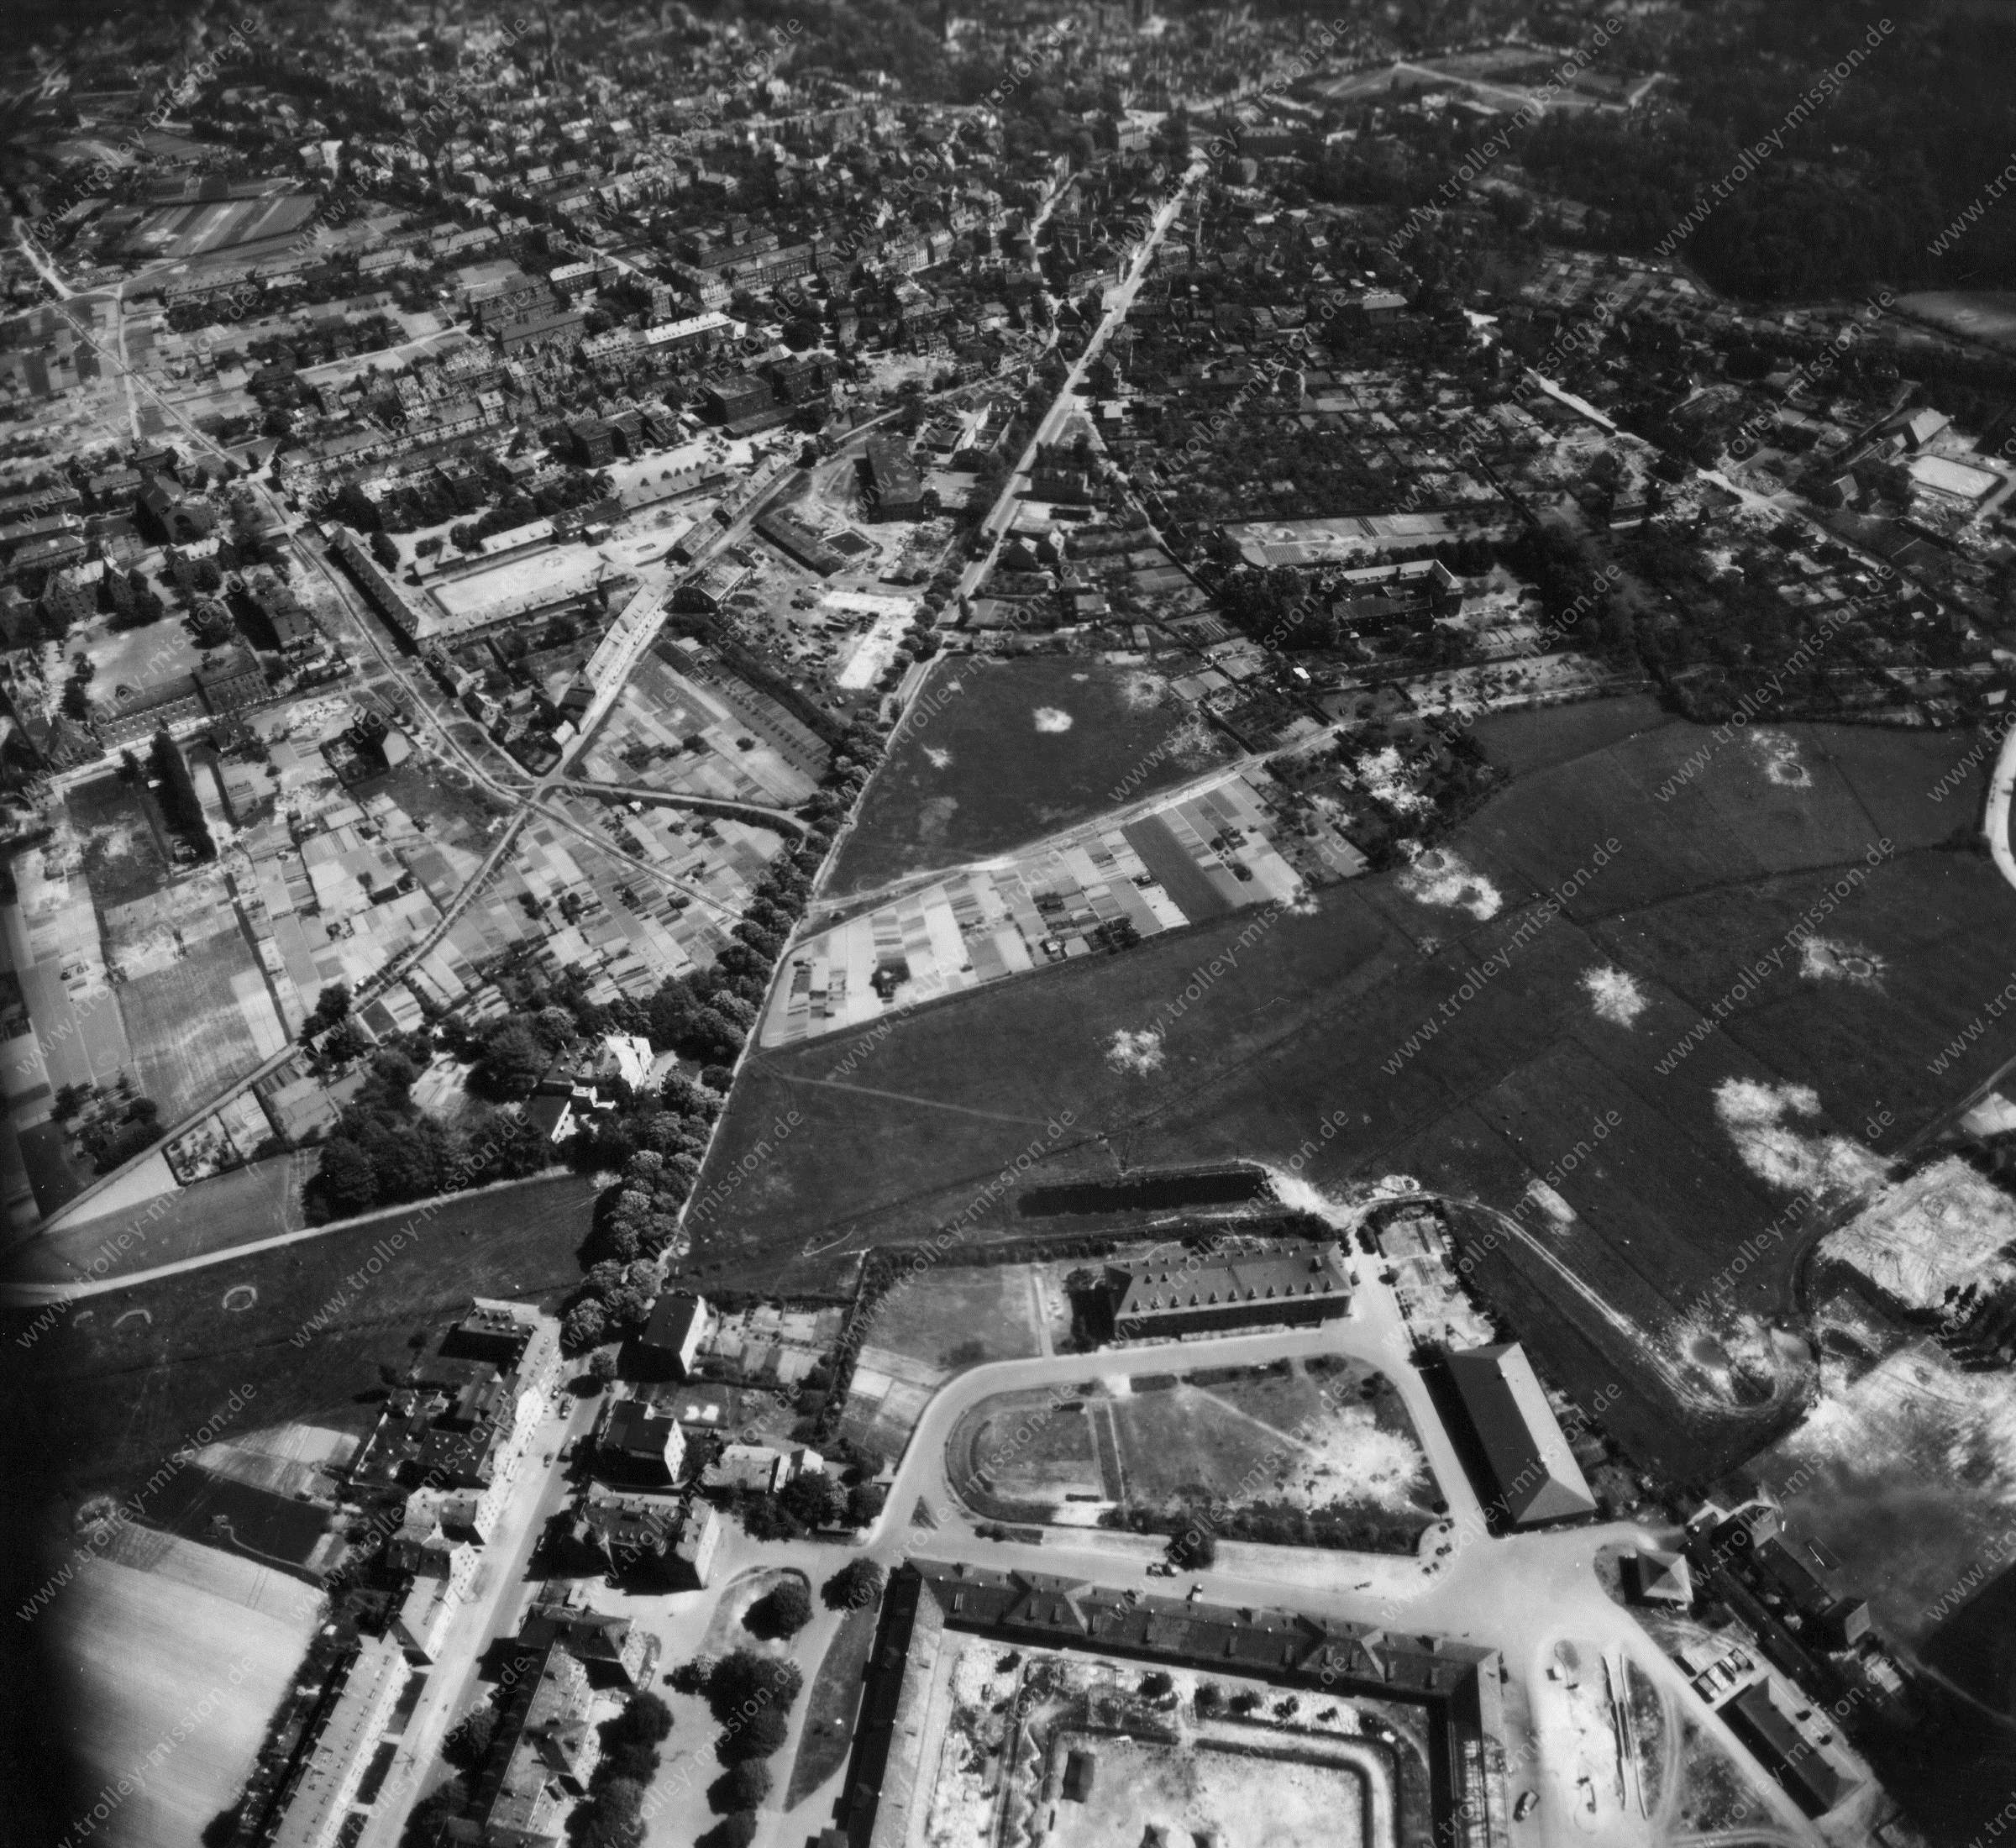 Luftbild von Münster am 12. Mai 1945 - Luftbildserie 3/11 der US Air Force